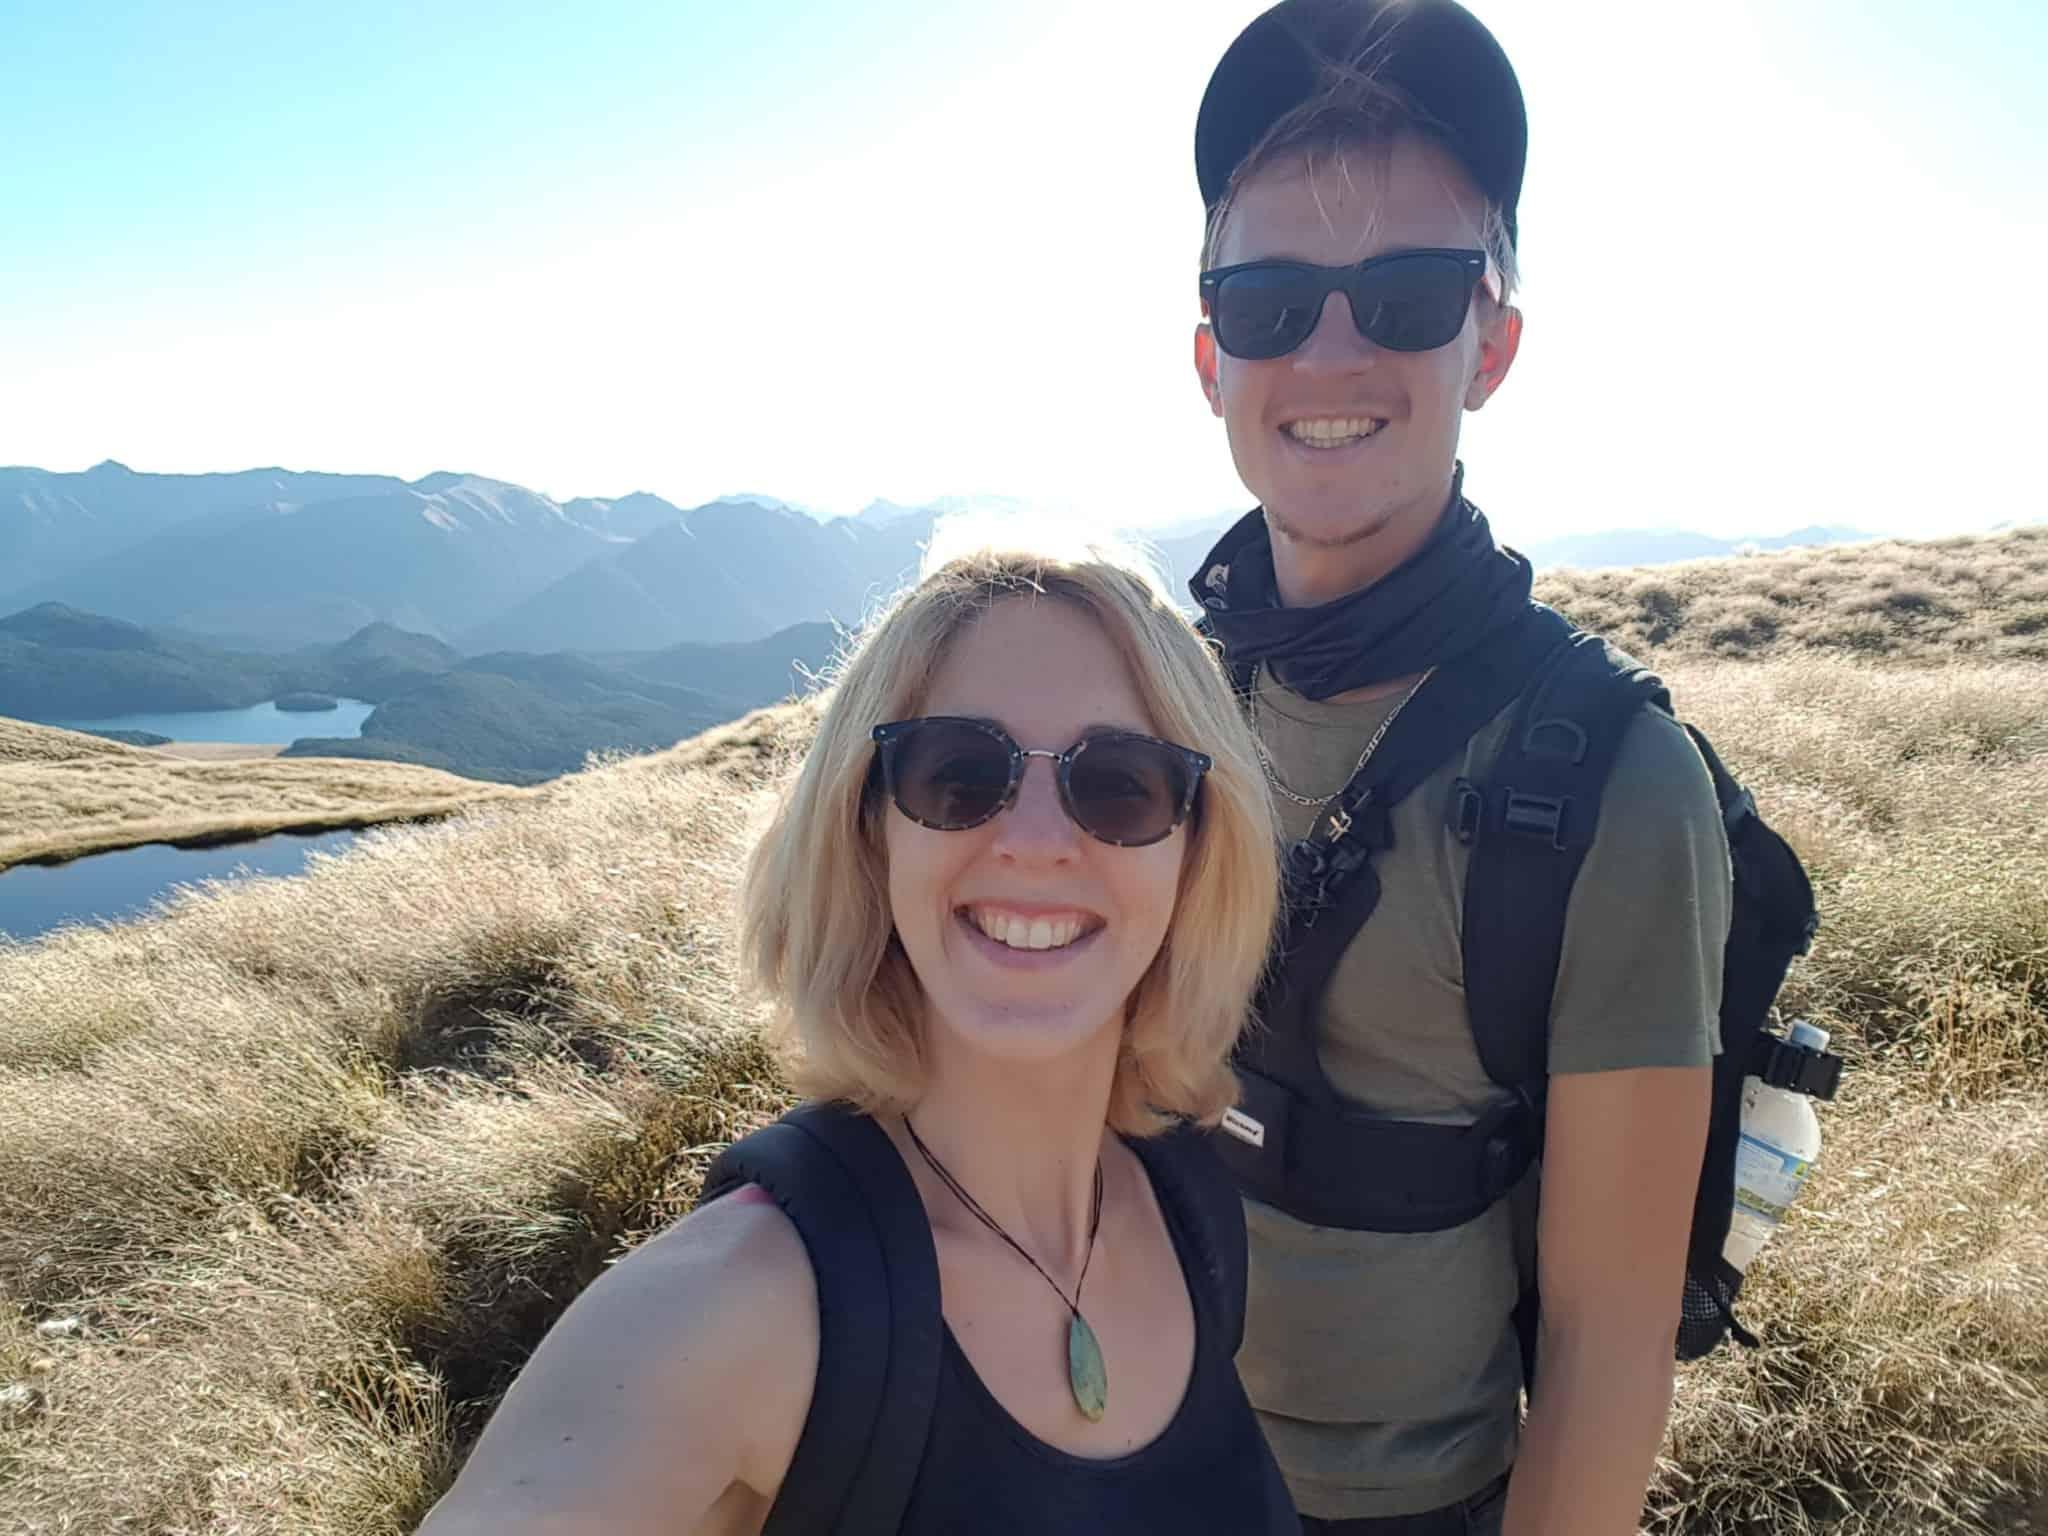 Nouvelle-Zélande, la Mount Burns Tarns Track une rando hors des sentiers battus 👟 24